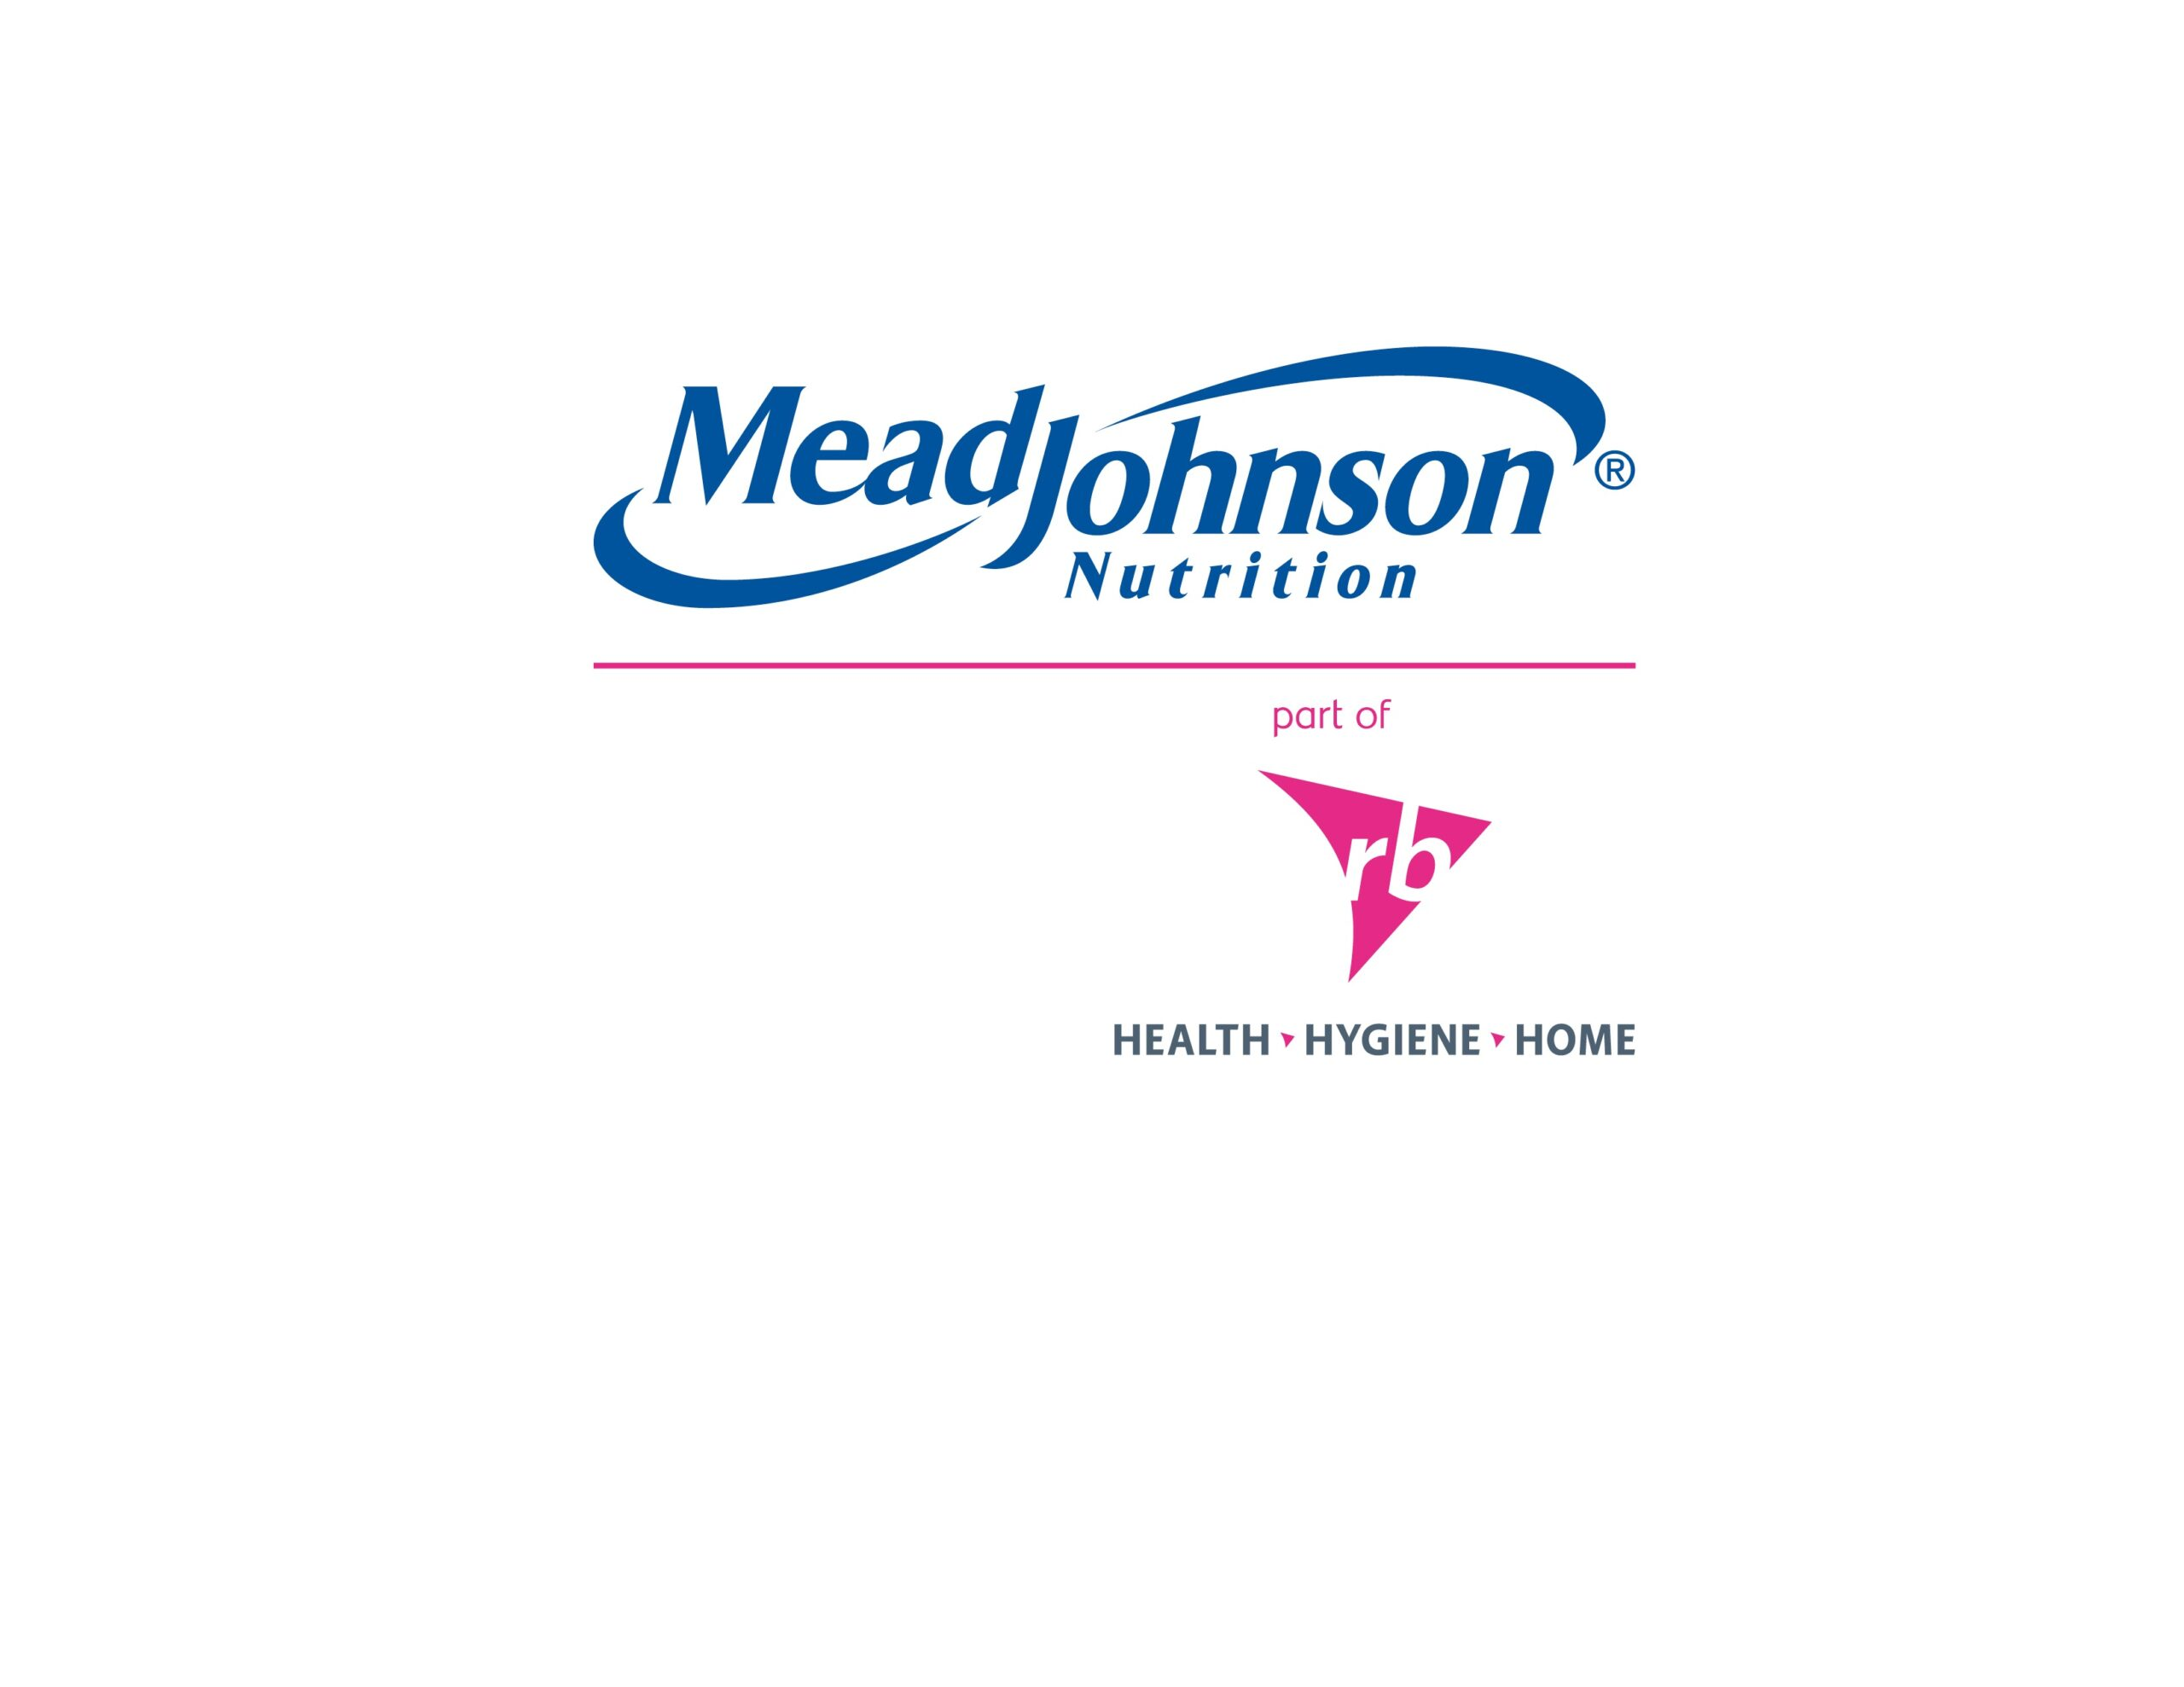 RB-Mead-Johnson-Locked-Logo-2019-a485fac31bffc1bb495dd81d749dc678[1]